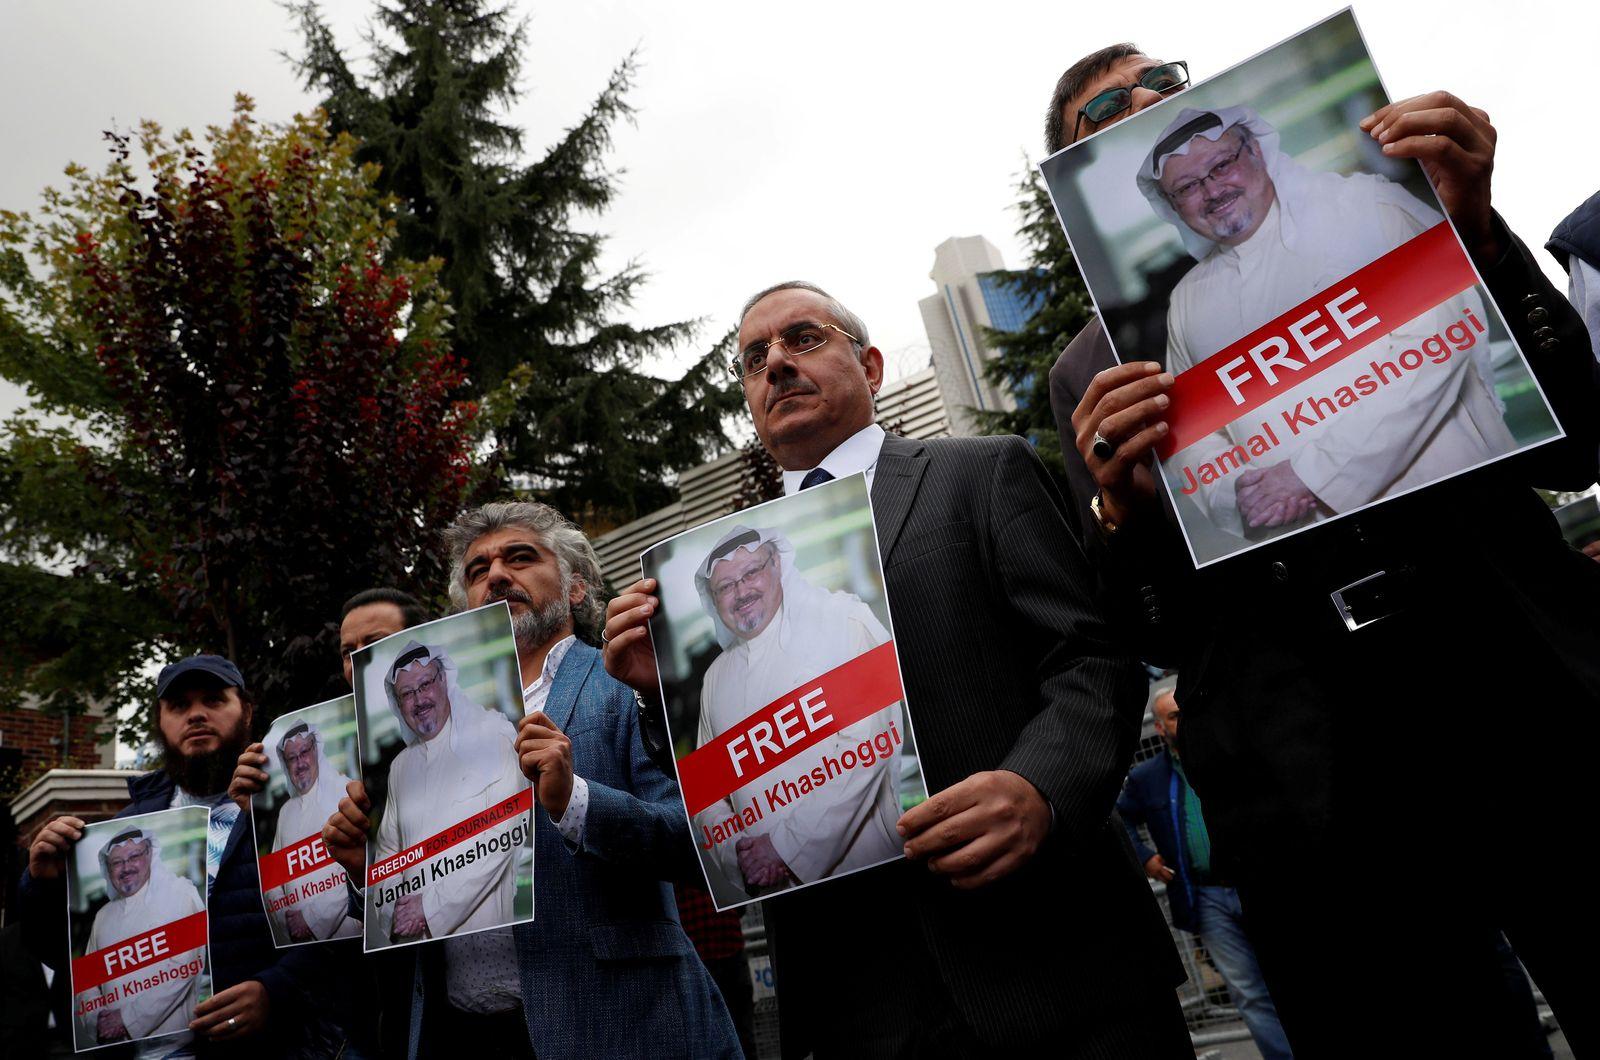 Khashoggi / Protest Istanbul